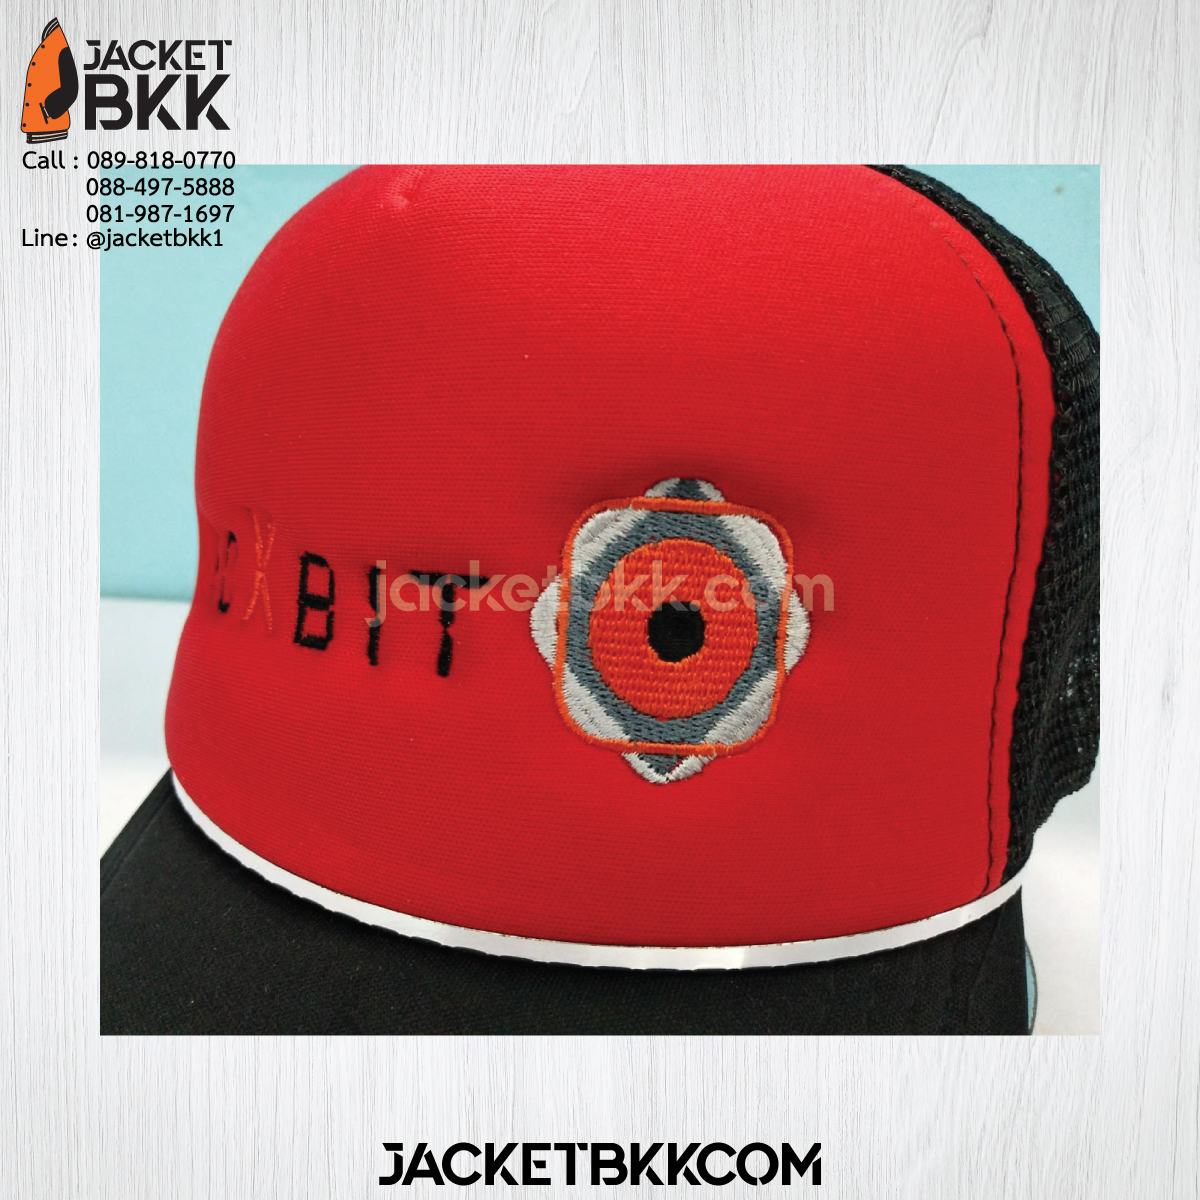 ผลงาน - หมวกแก๊ปตาข่ายครึ่งใบ สองสี สีดำแดง พร้อมงานปัก